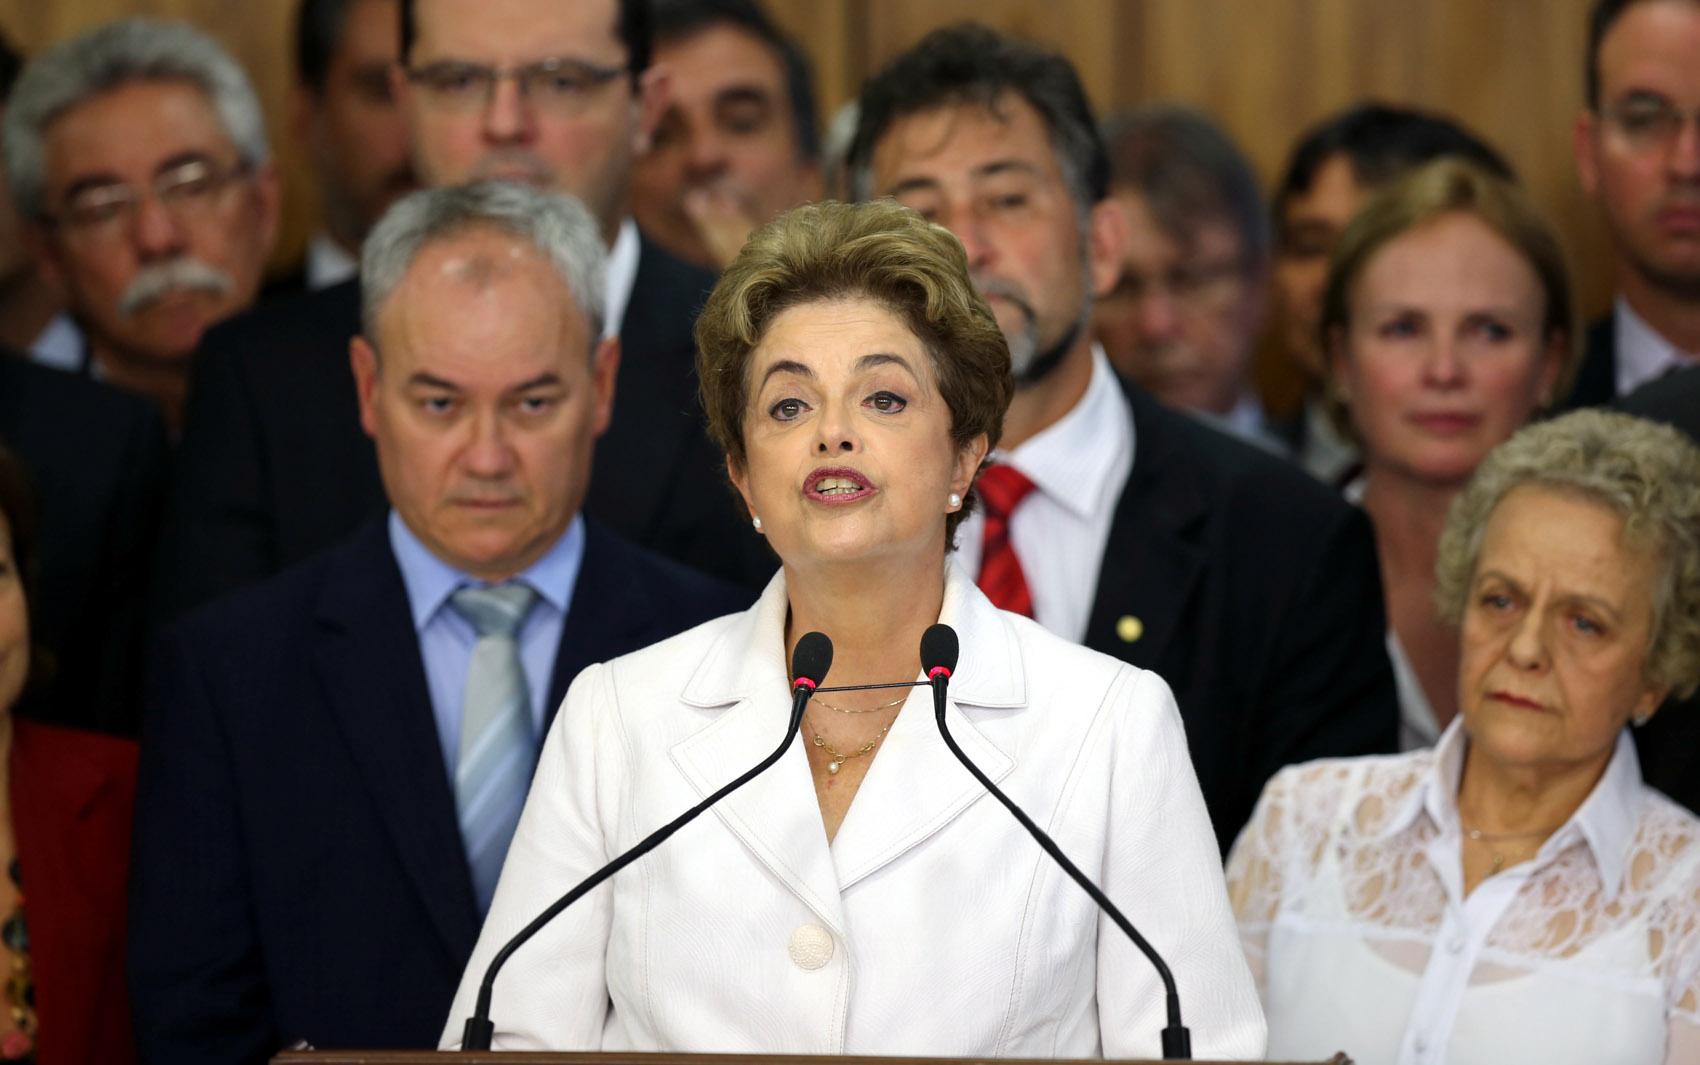 A presidente afastada Dilma Rousseff faz um pronunciamento no Palácio do Planalto, em Brasília, após ser notificada de seu afastamento pelo Senado por até 180 dias